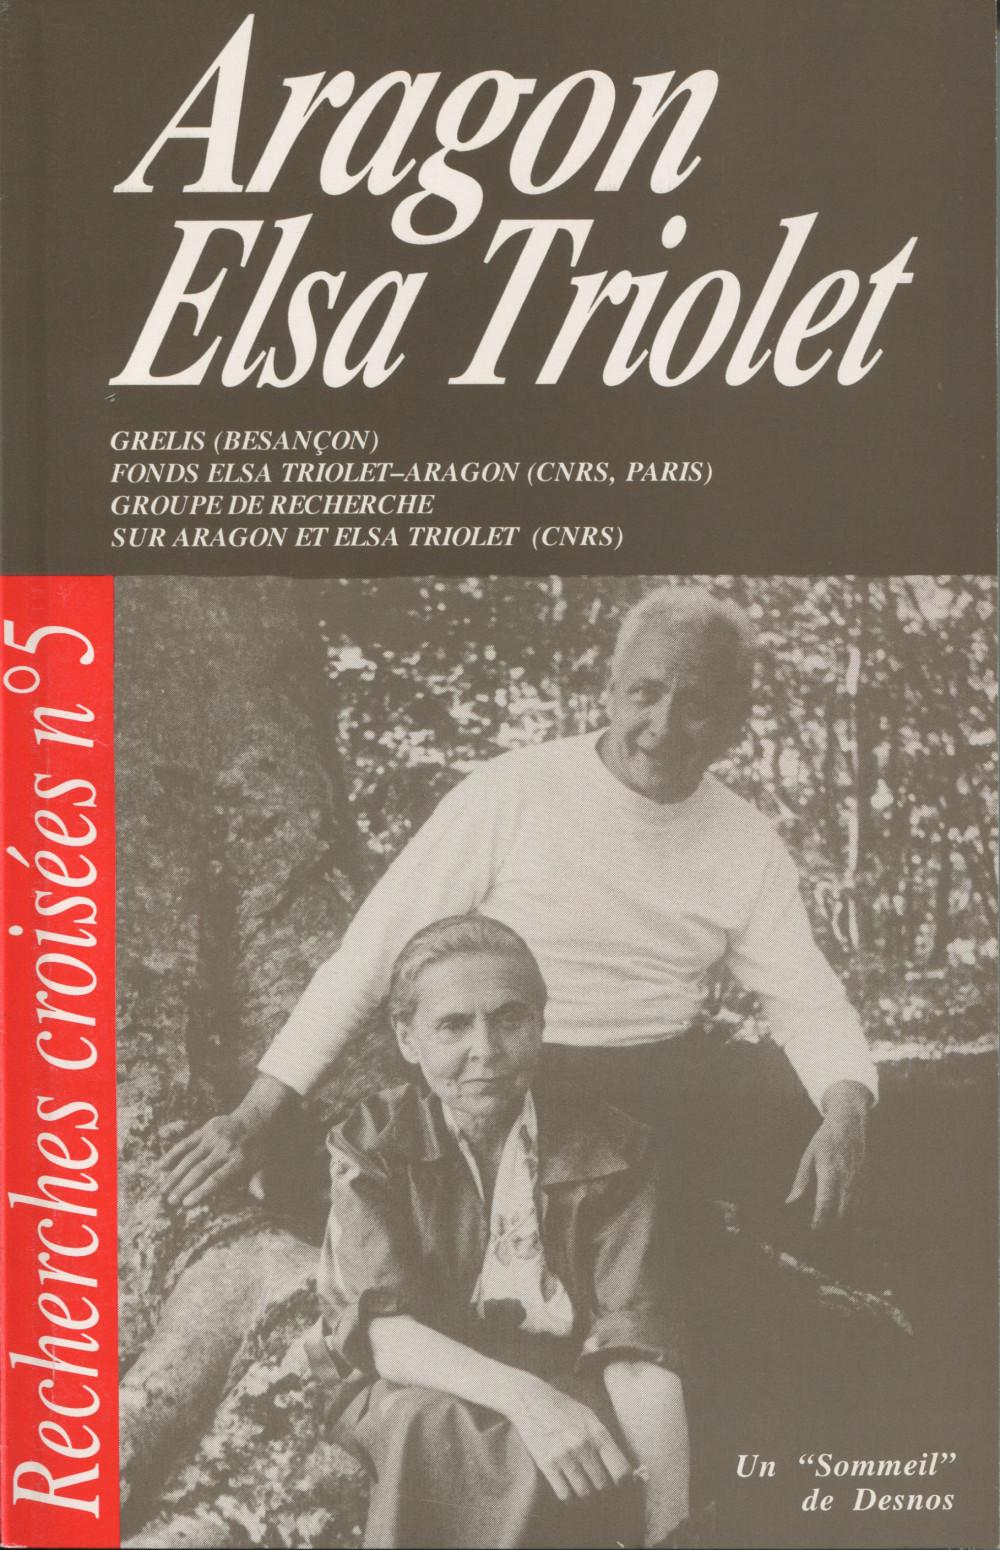 Recherches croisées : Aragon / Elsa Triolet n°5